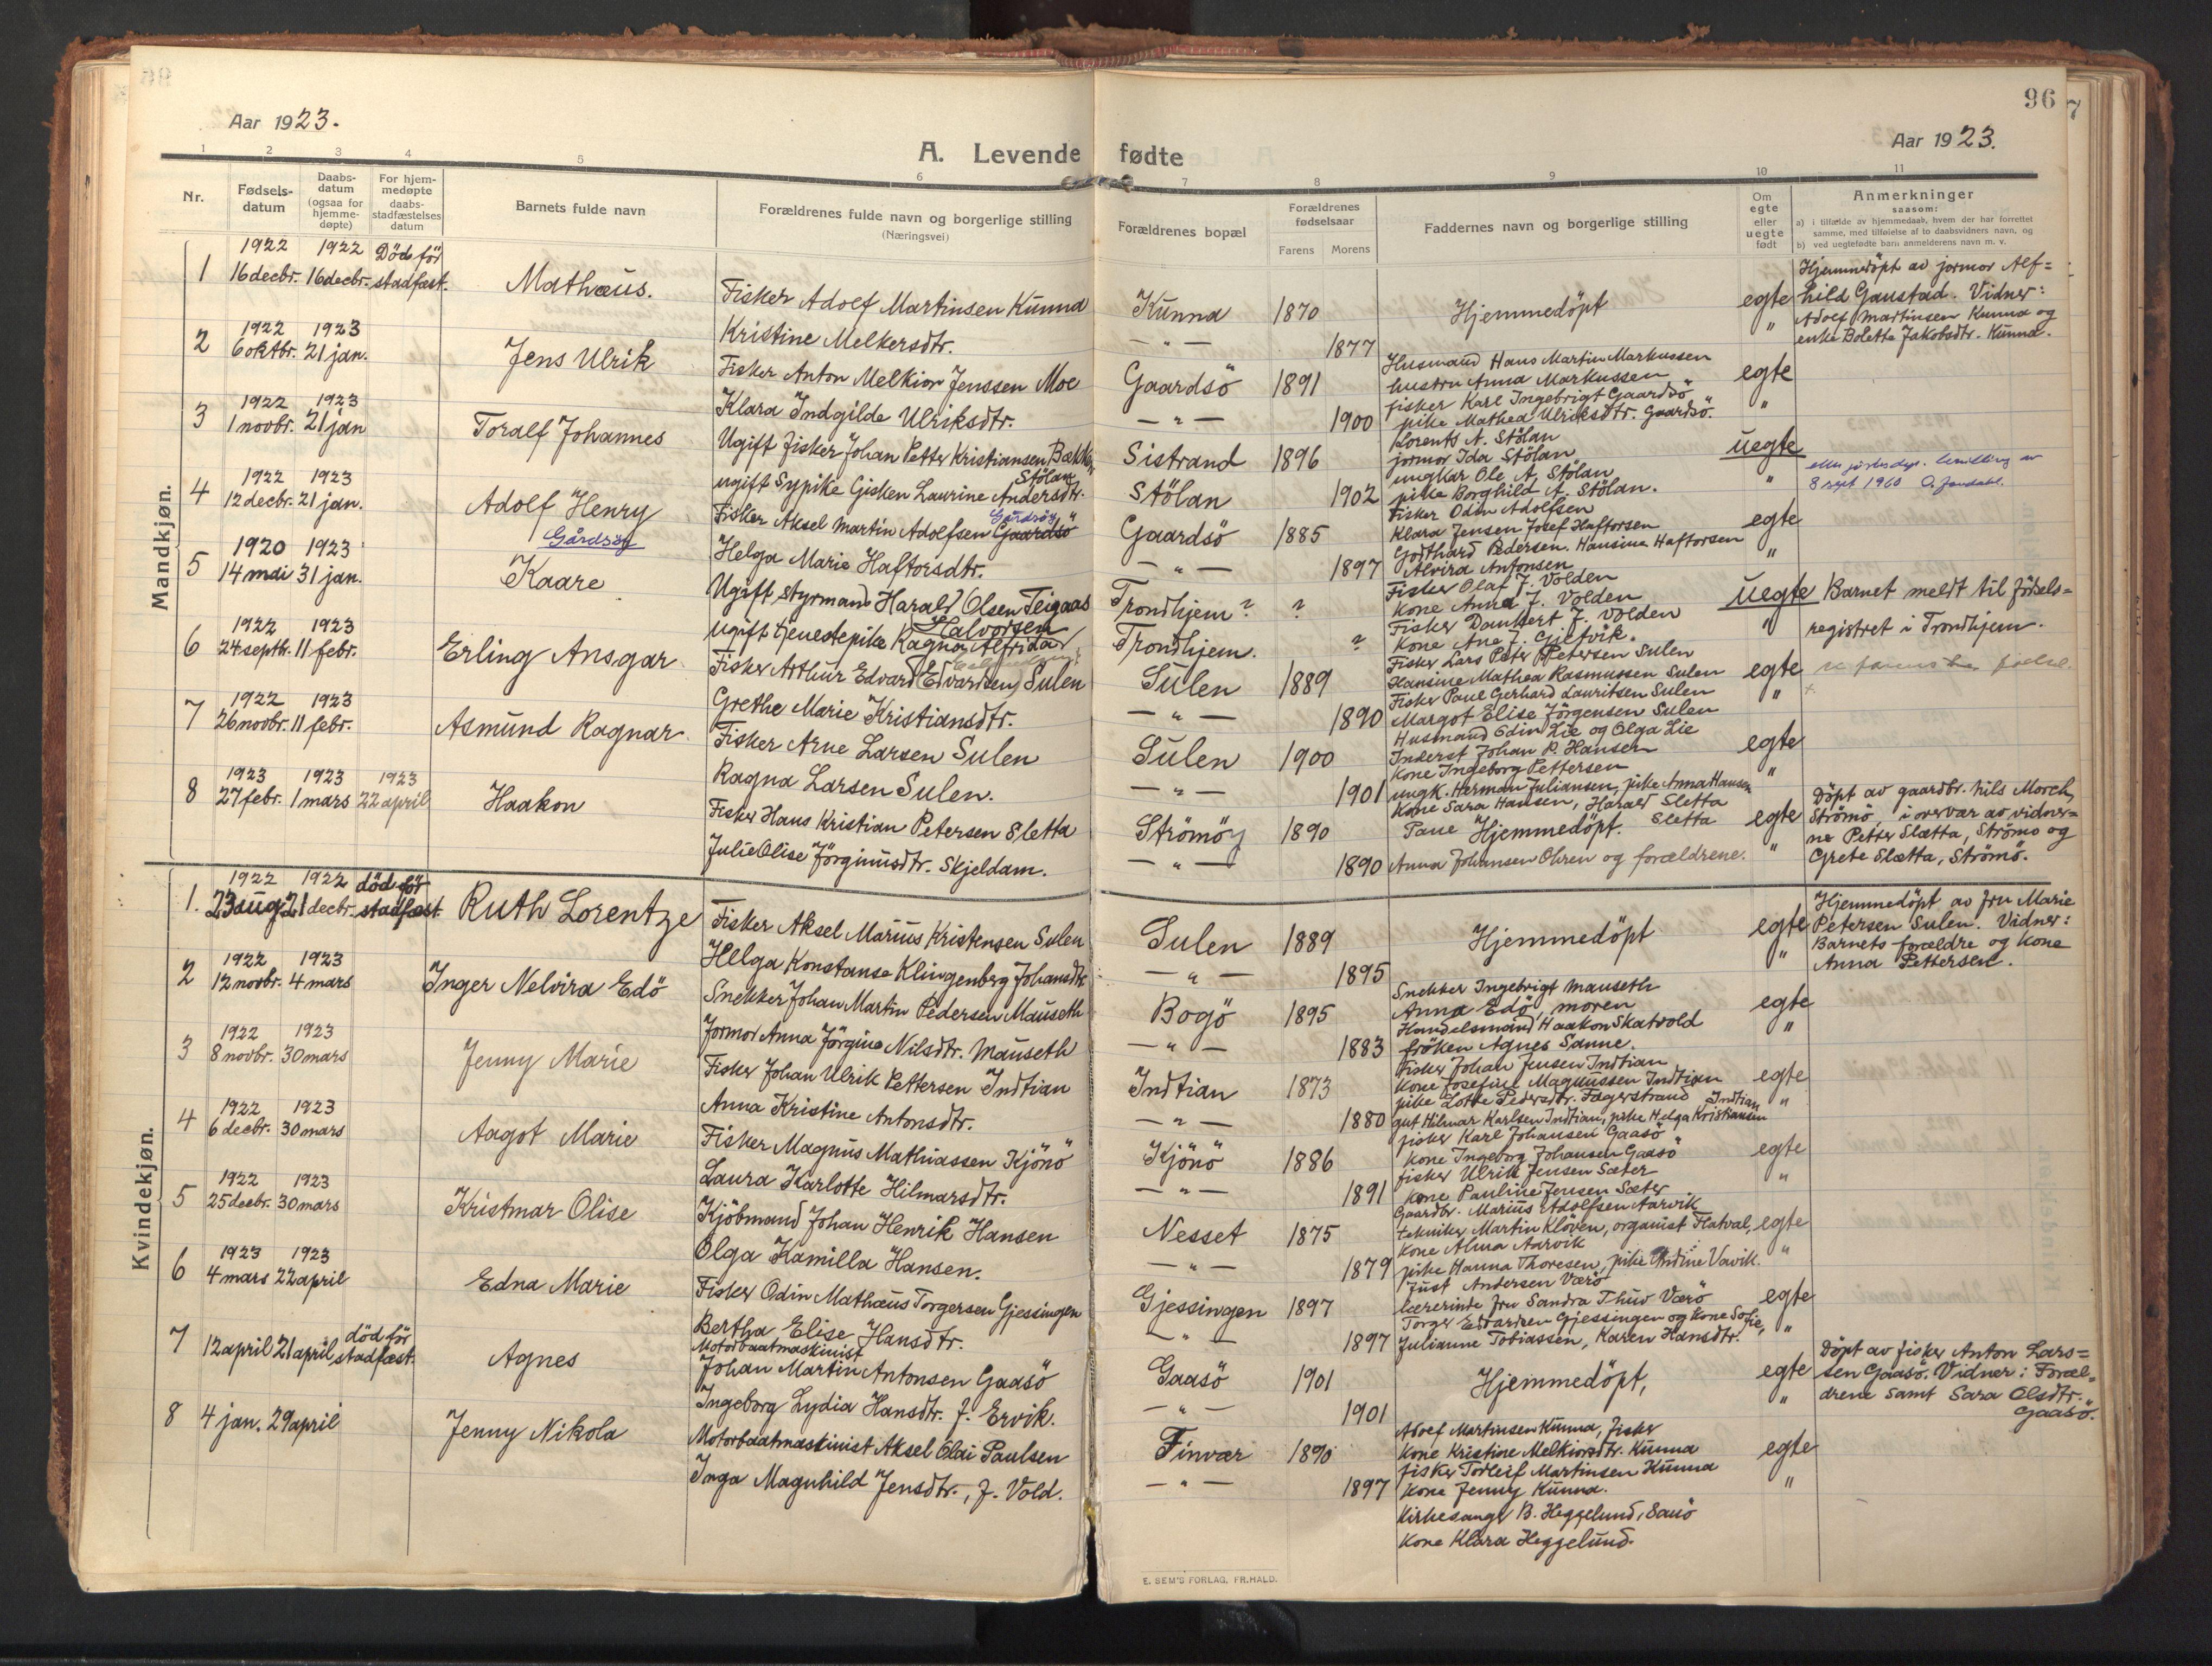 SAT, Ministerialprotokoller, klokkerbøker og fødselsregistre - Sør-Trøndelag, 640/L0581: Ministerialbok nr. 640A06, 1910-1924, s. 96